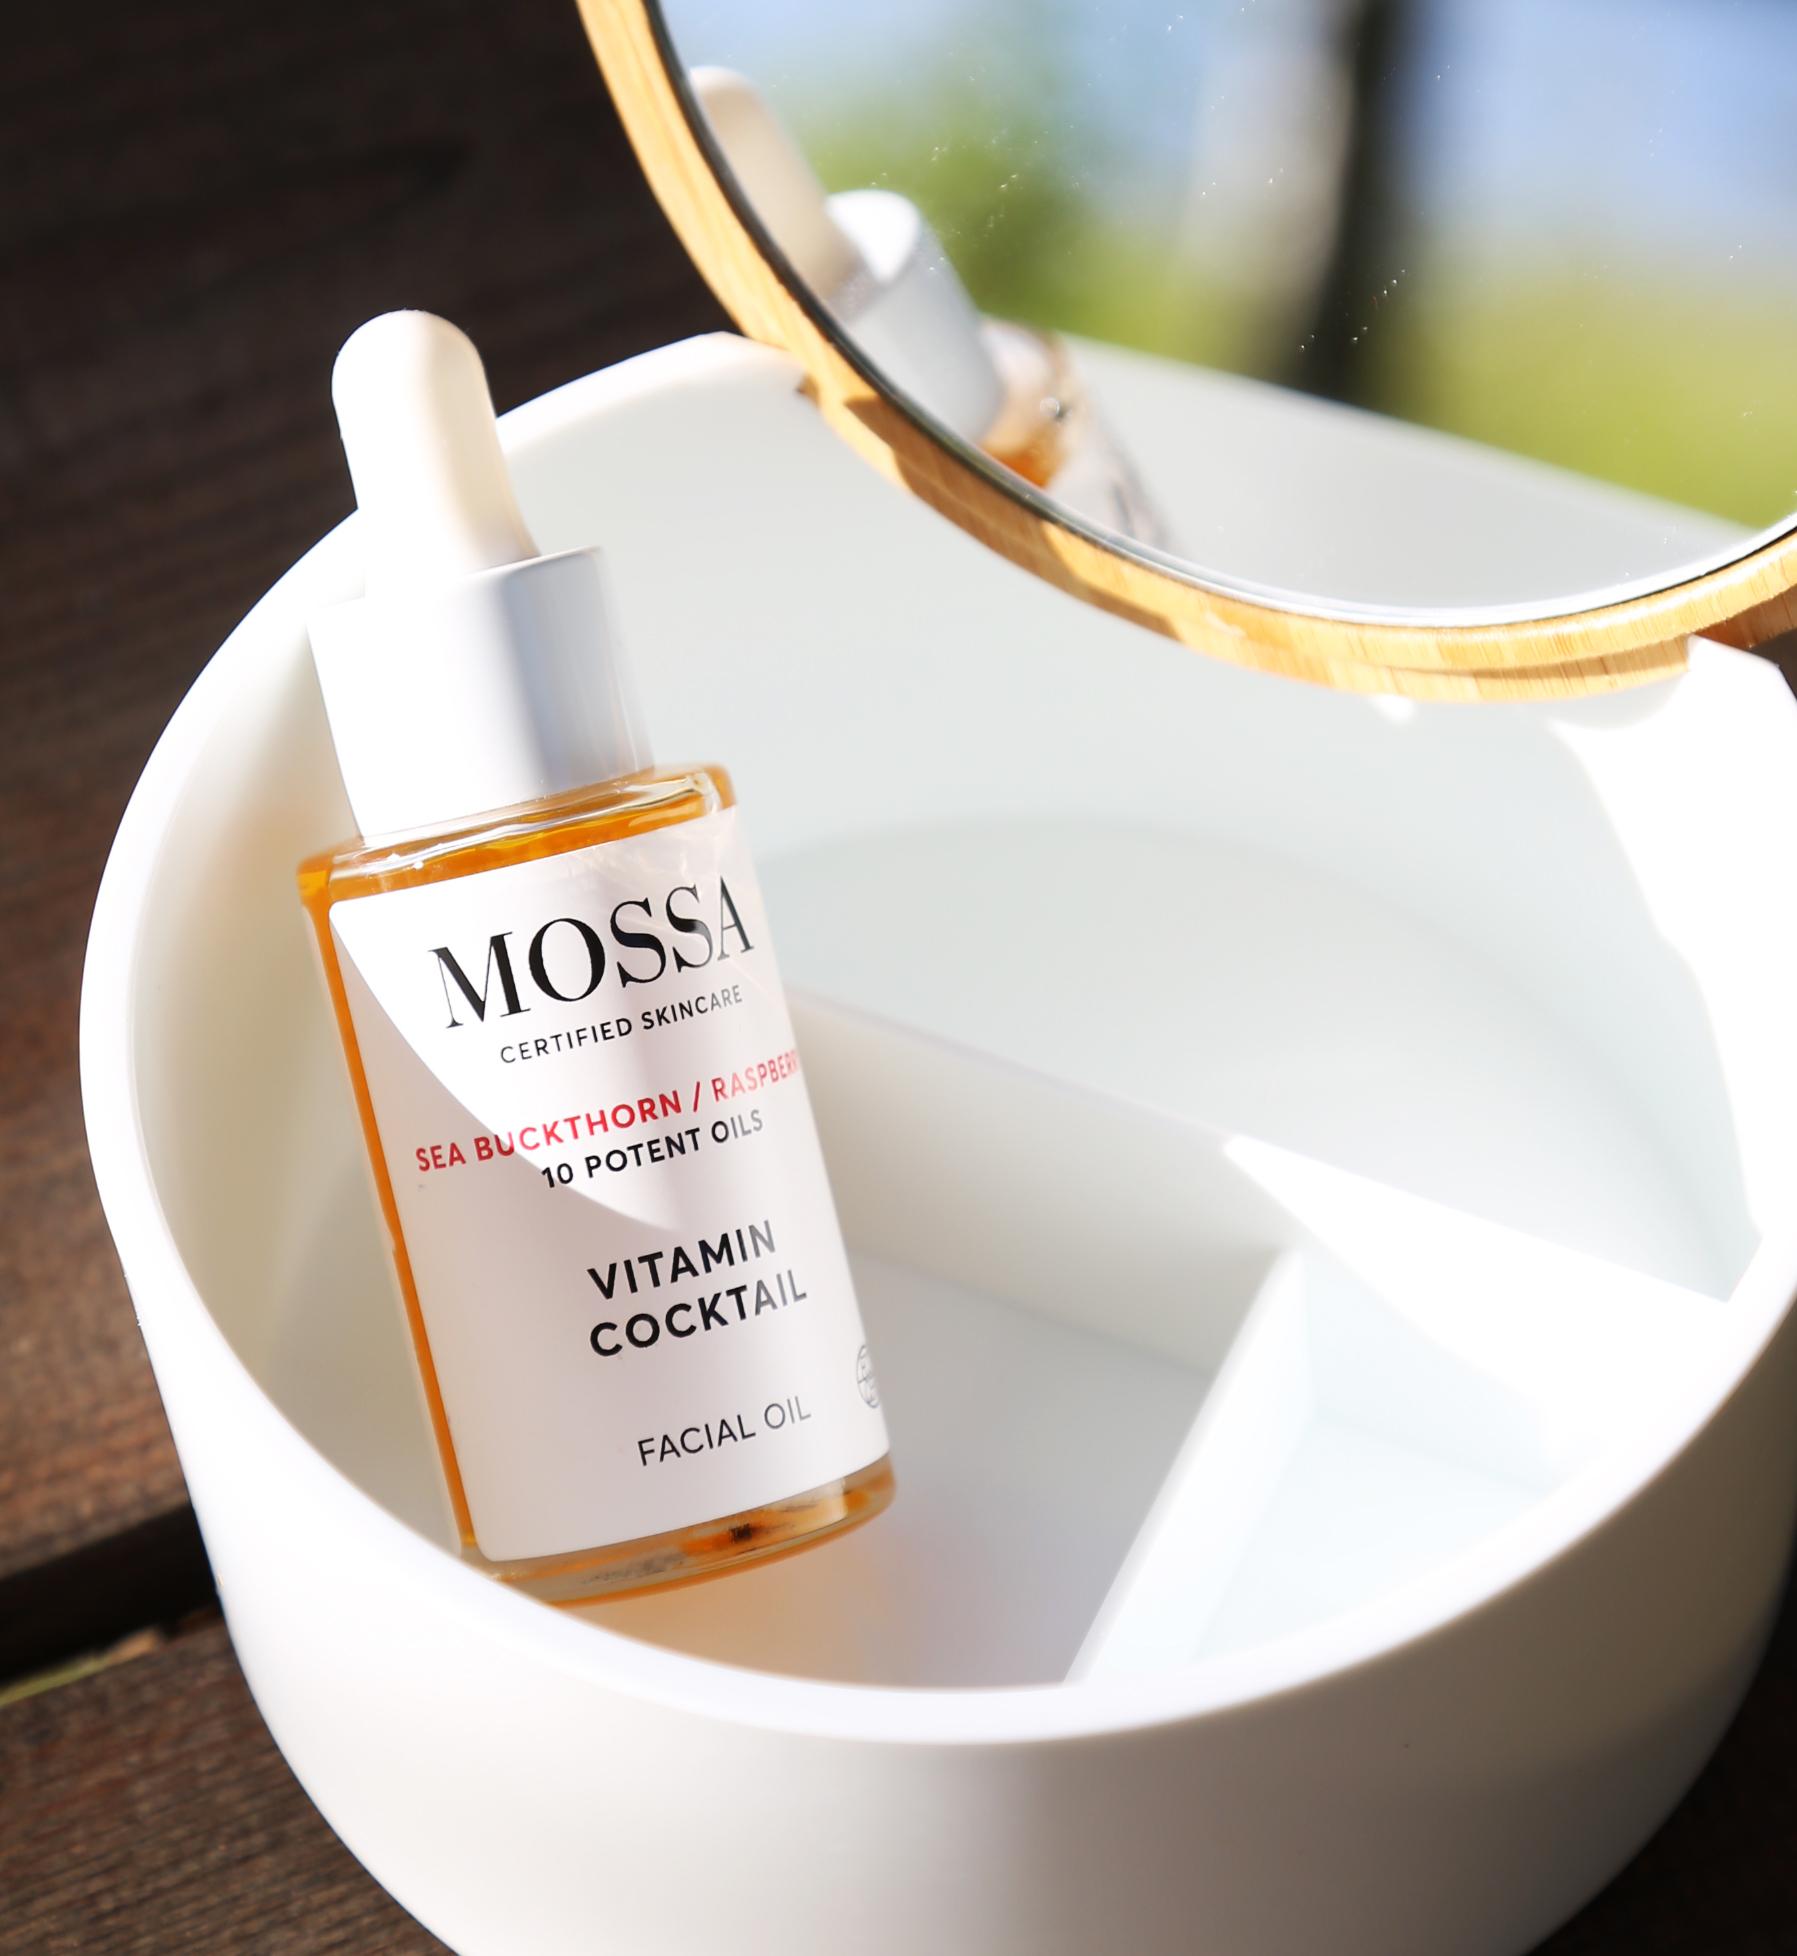 Mossa - edullista ja helppoa luonnonkosmetiikkaa. Mossa Vitamin Cocktail öljy.